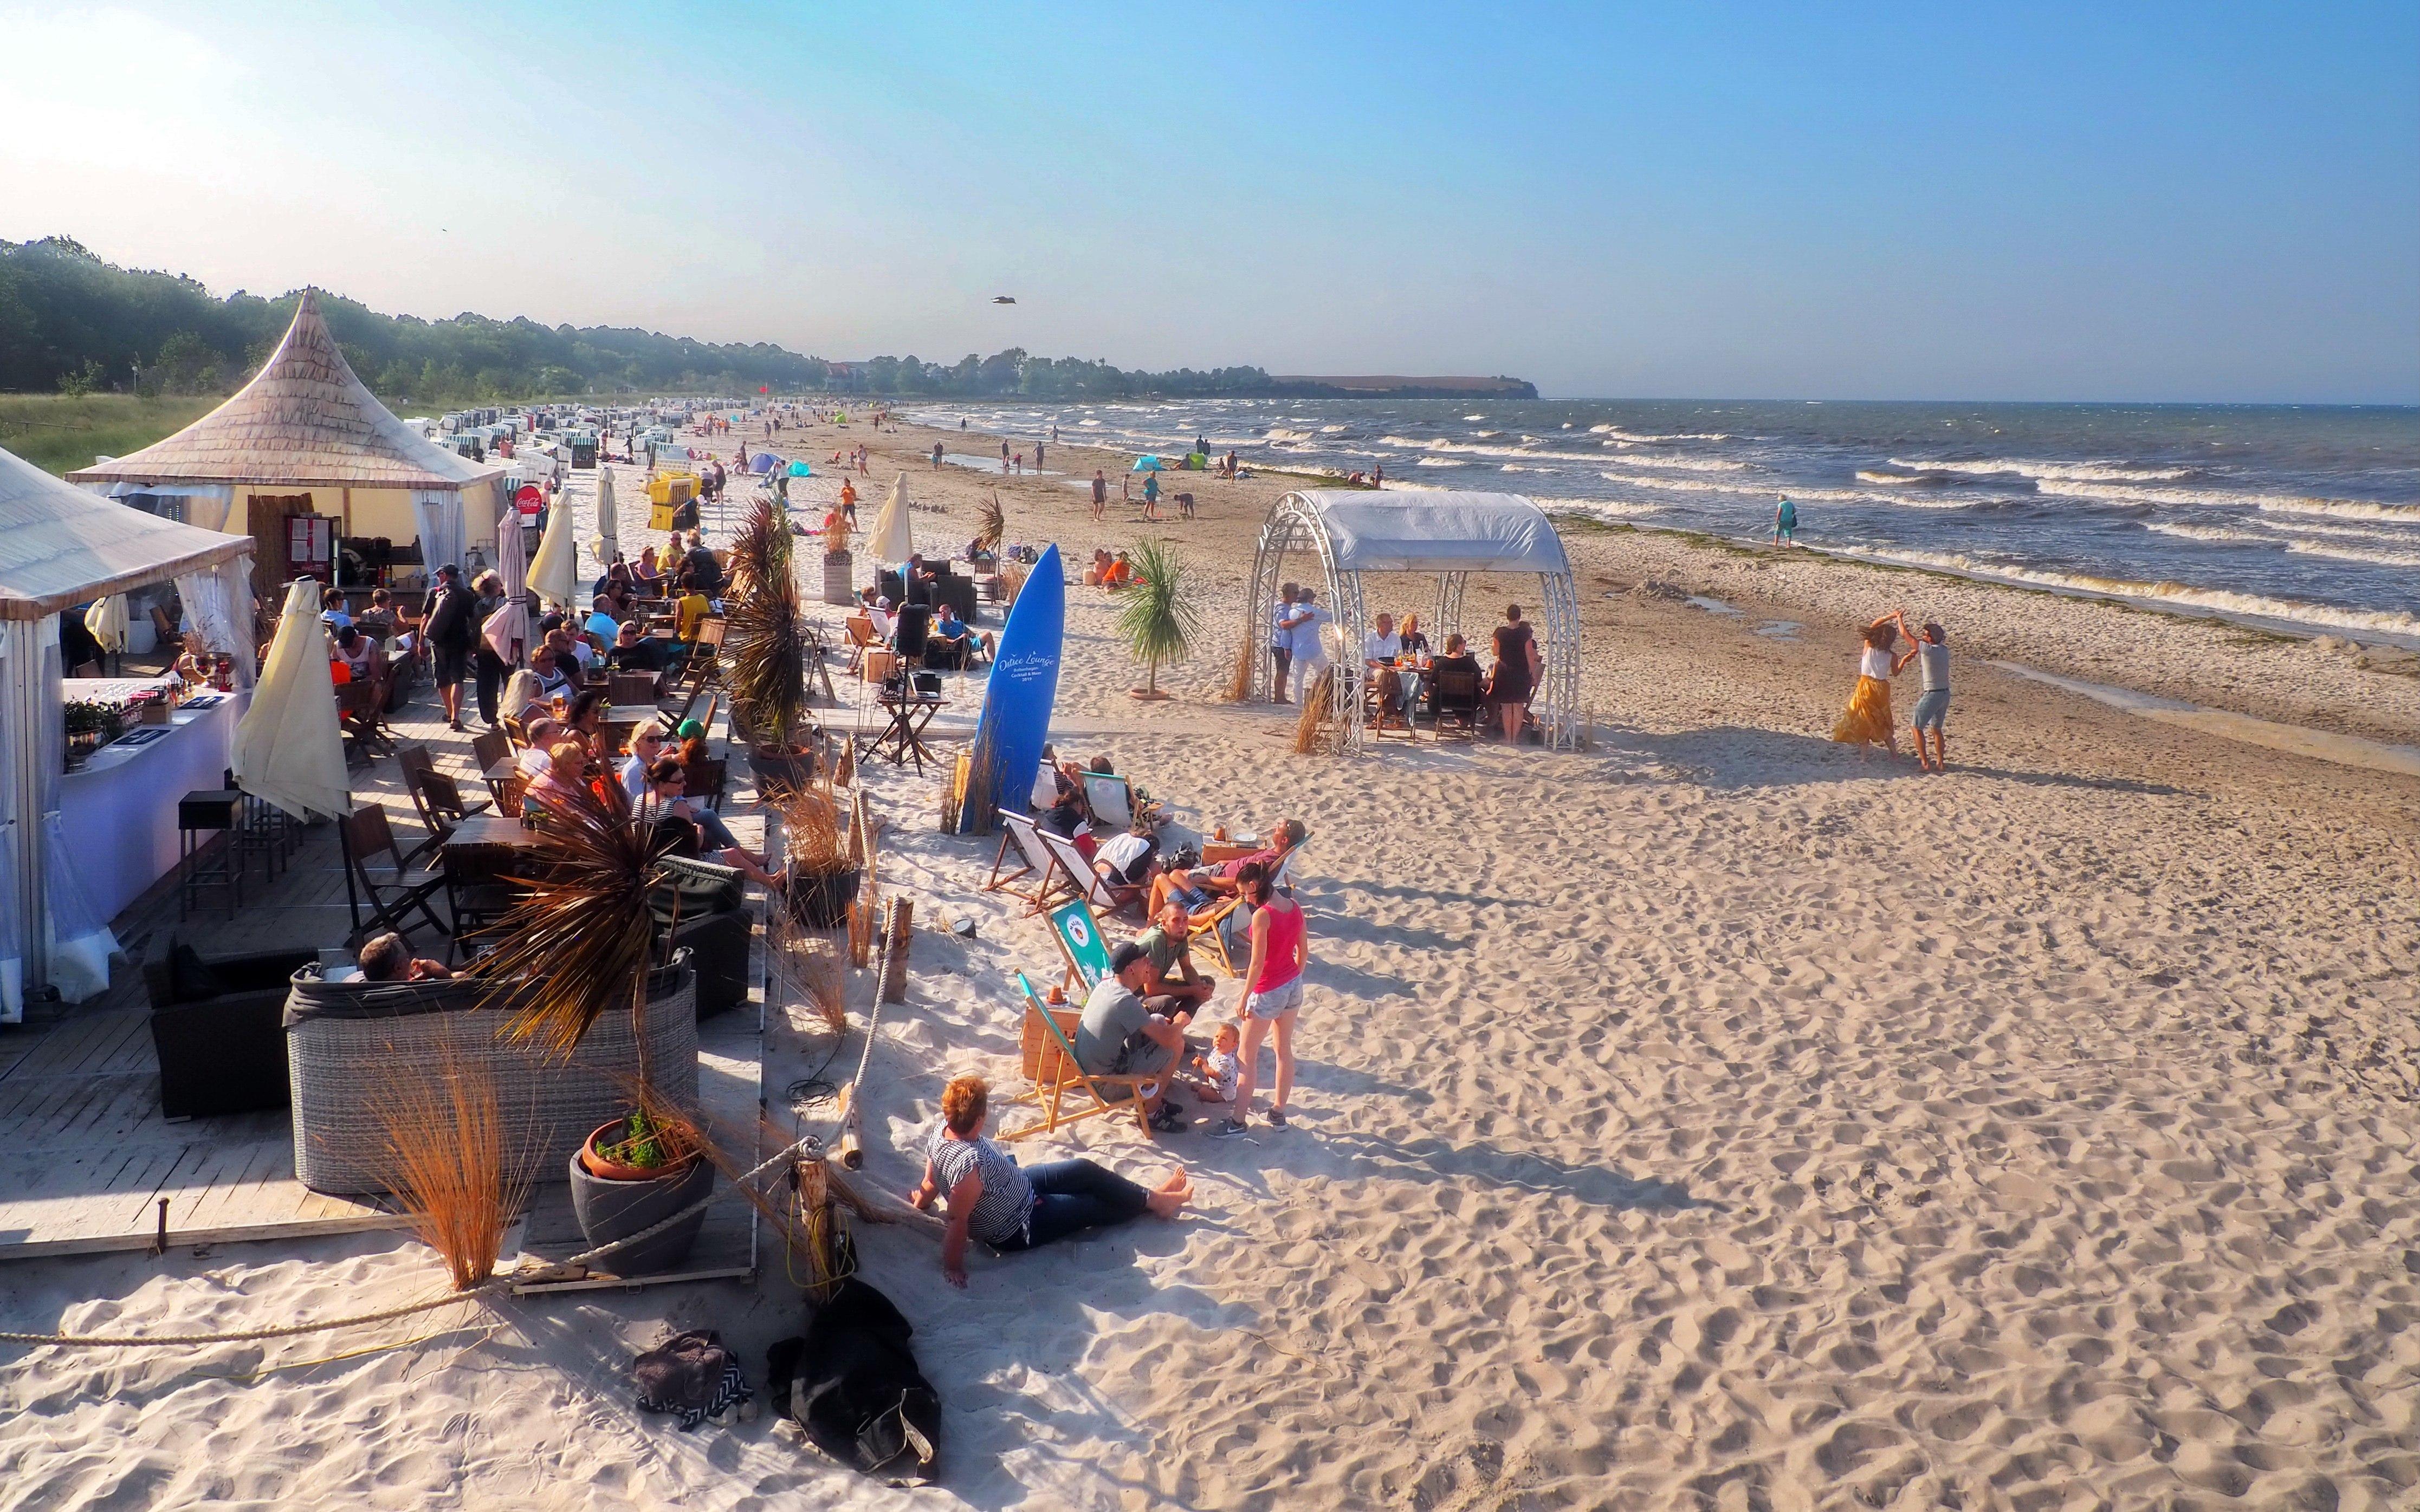 Beach Lounge Boltenhagen - Die Lage, © KV Boltenhagen